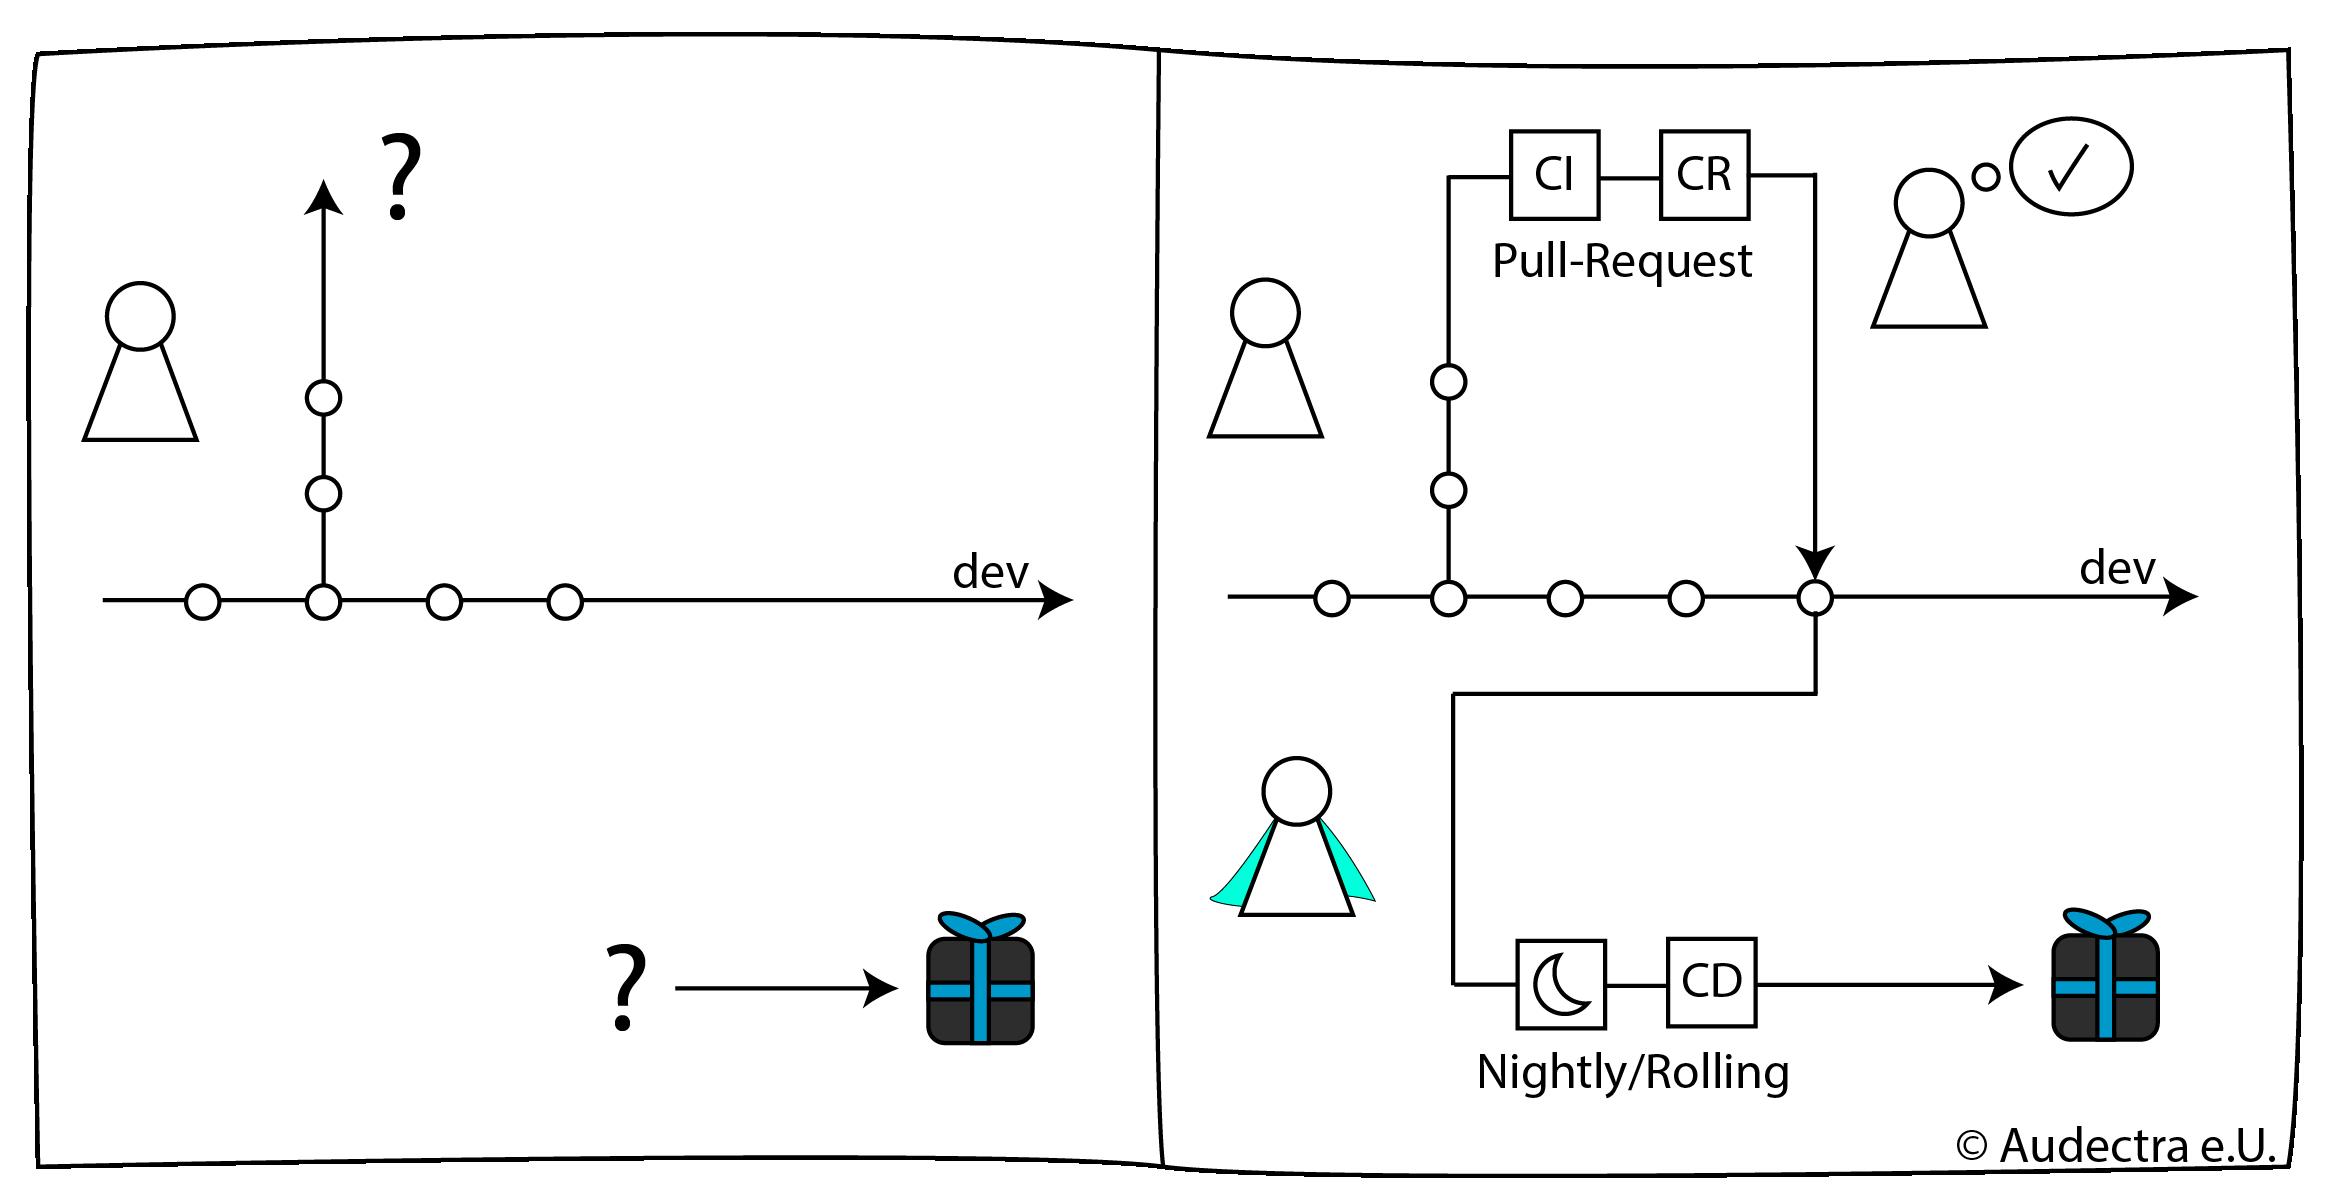 Software DevOps